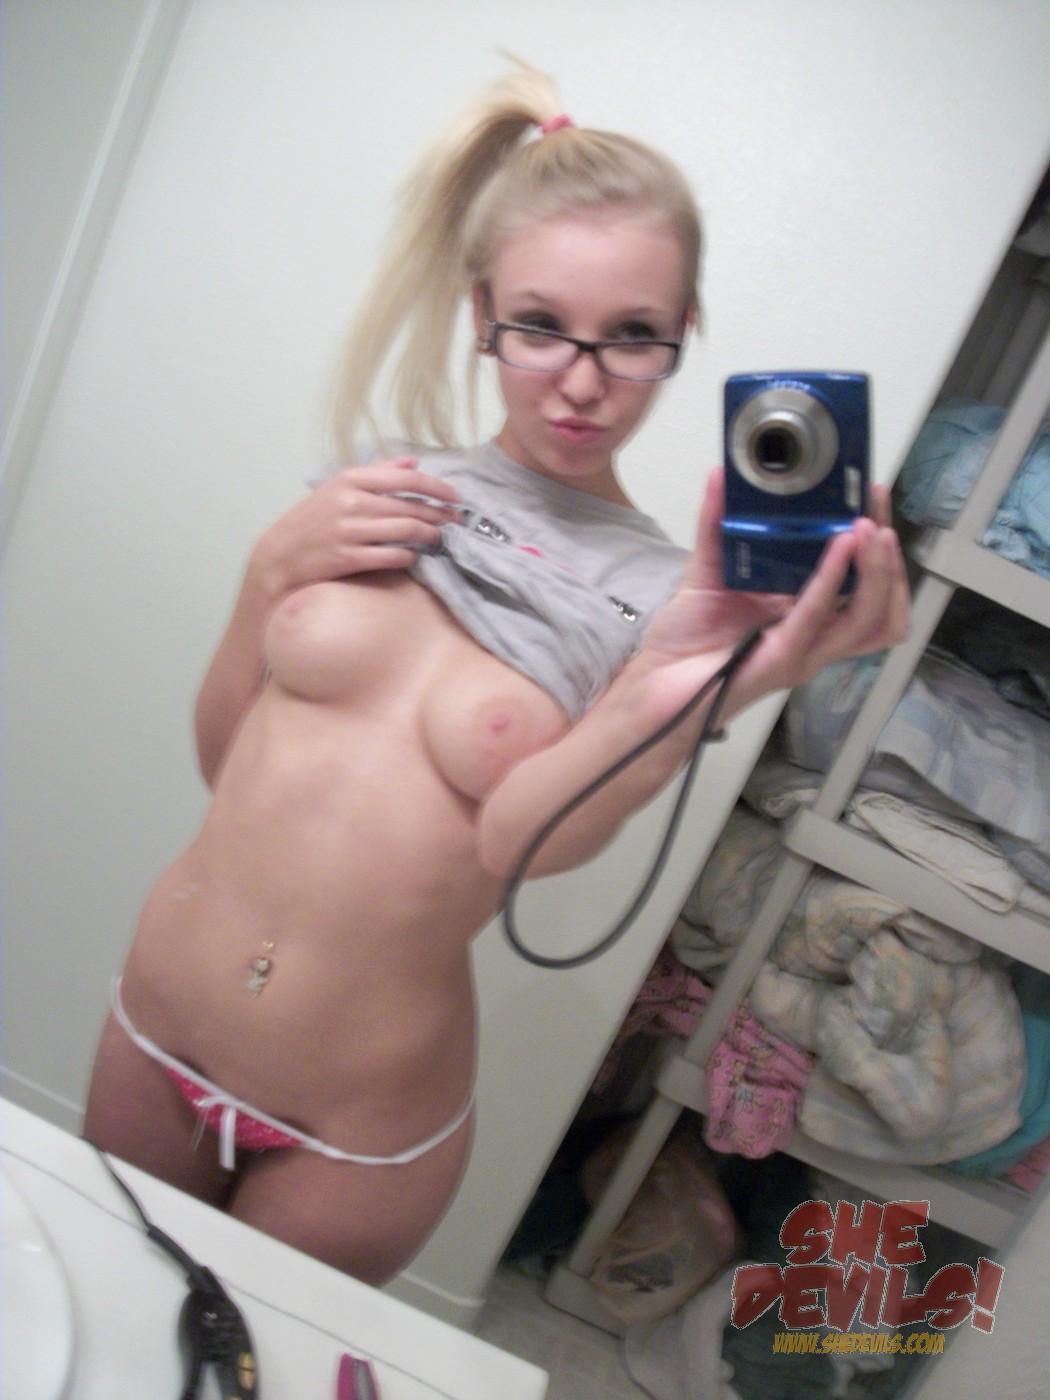 sunny leone porn pic fucking